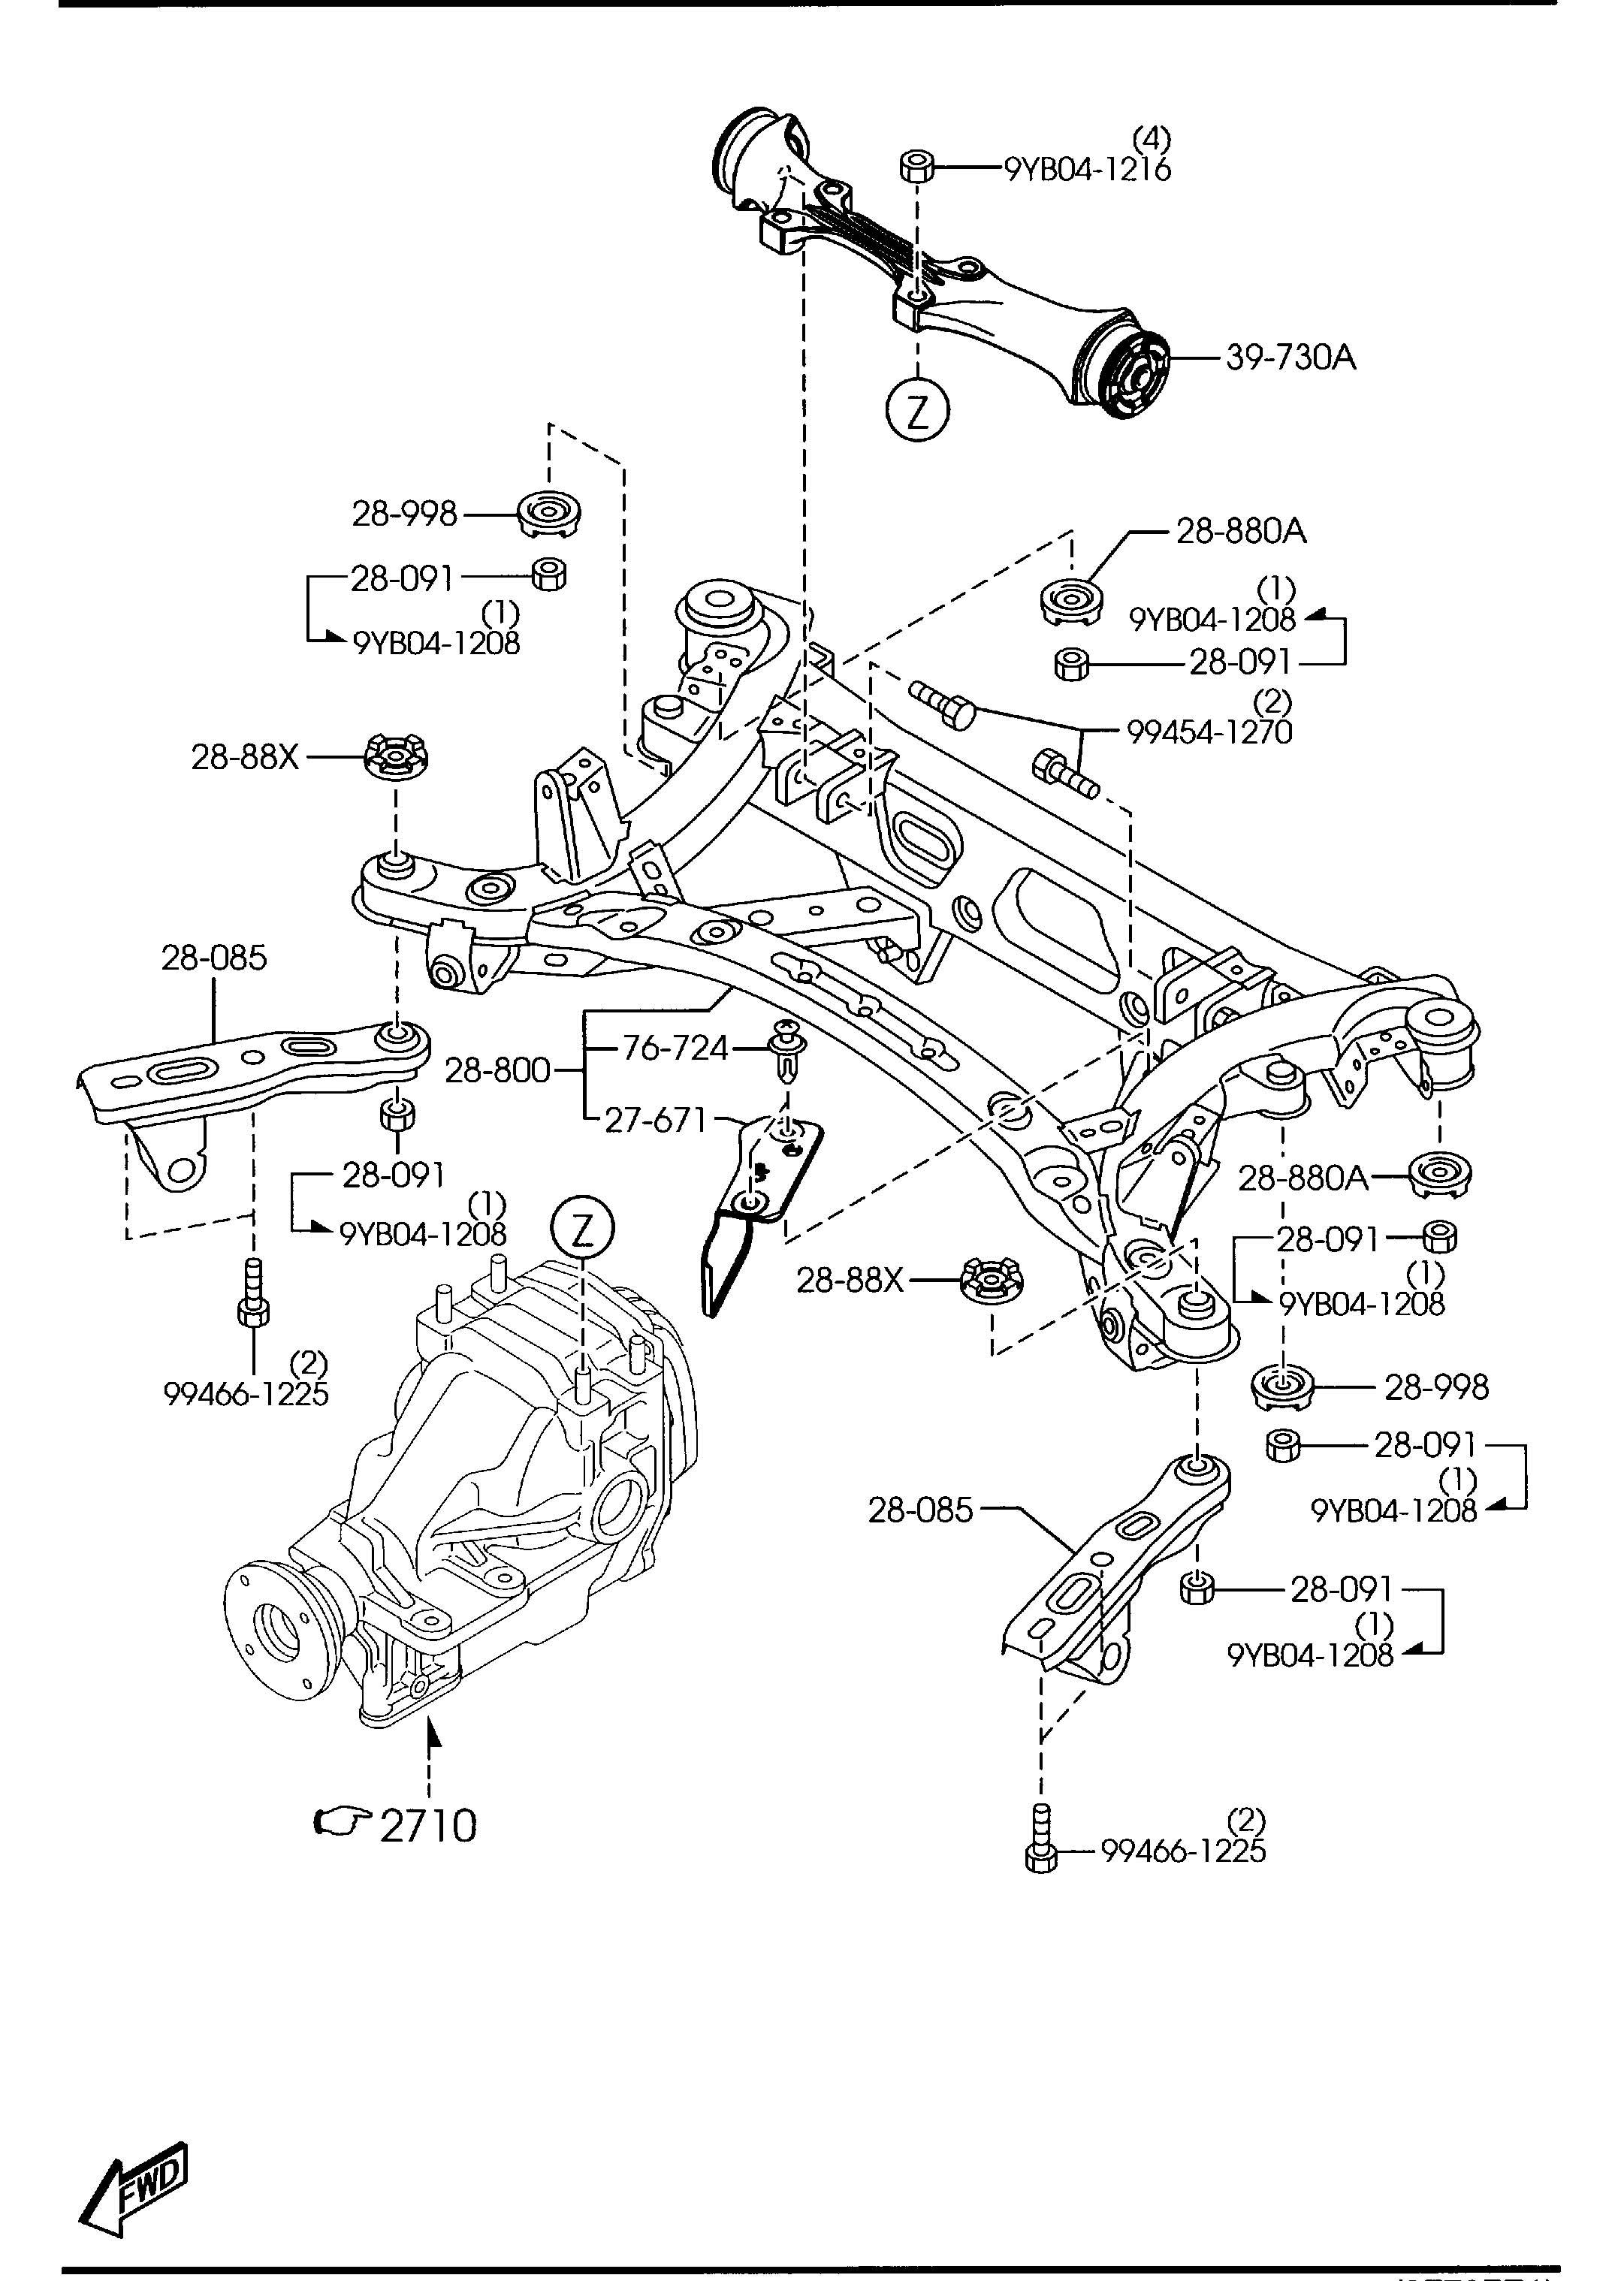 Mazda Rx 8 Nut Arms Wawd Struts Shocks